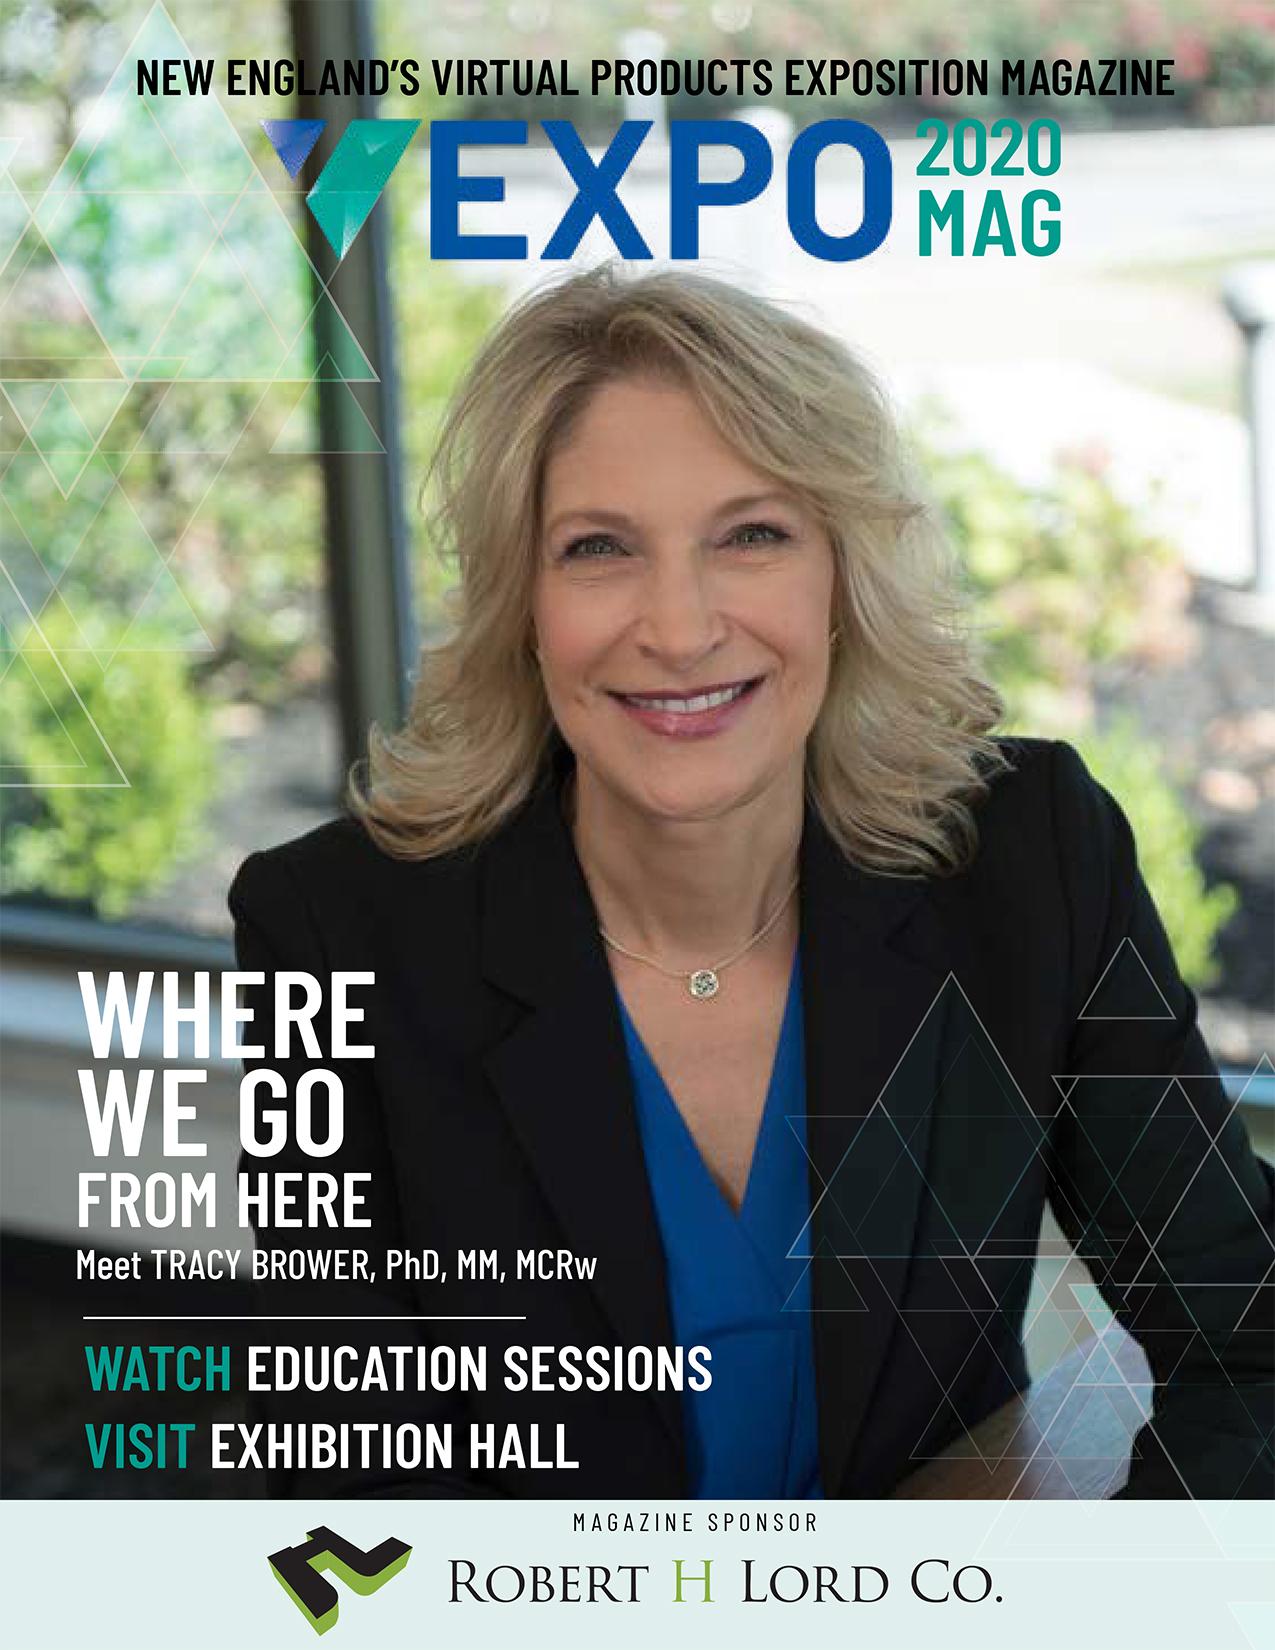 VEXPO 2020 Magazine